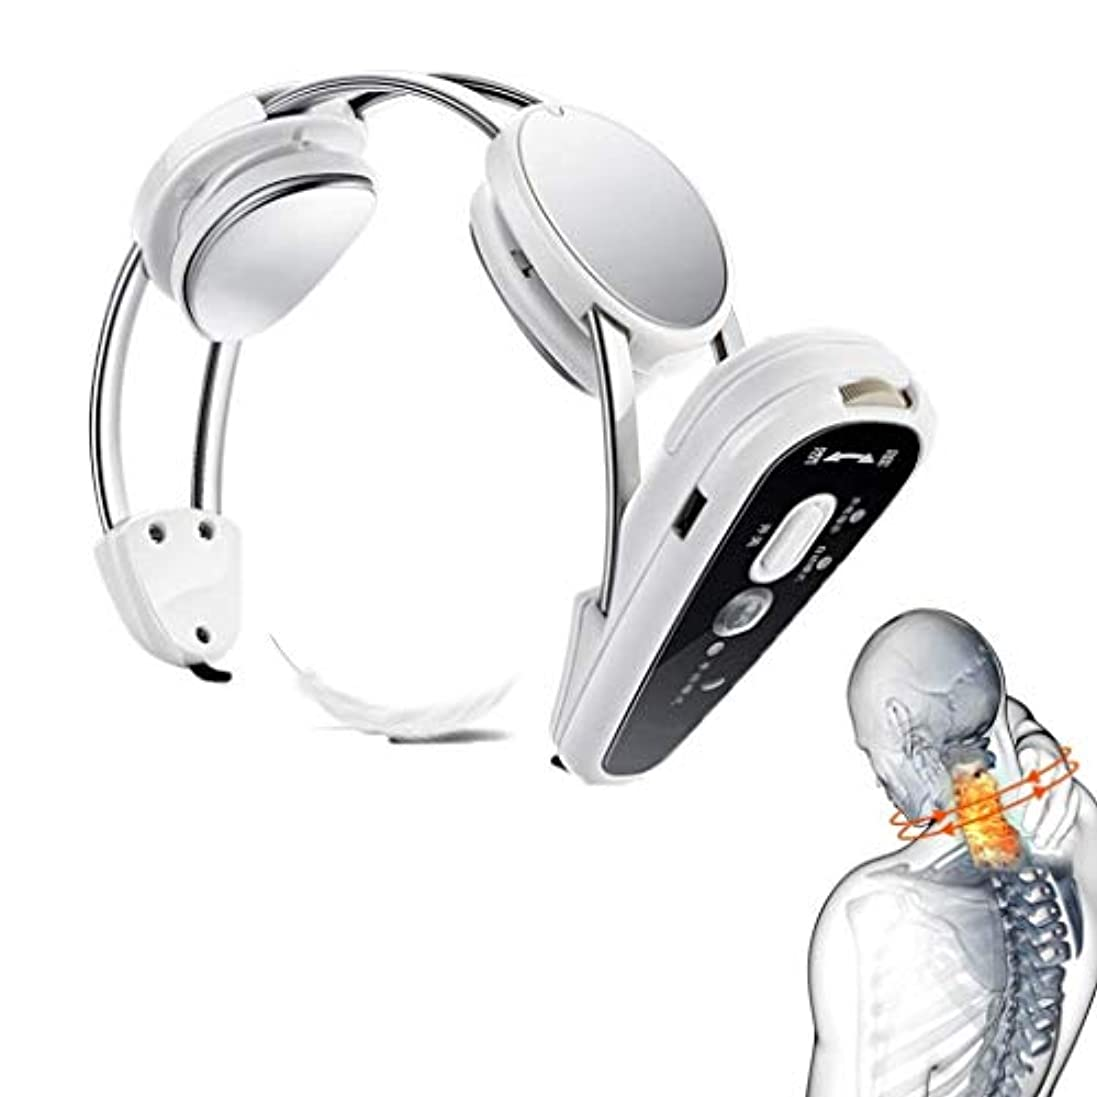 誘発する刺す中断熱くするUSB??充満の電気首のマッサージャーは筋肉痛を取り除き、慢性的な首の苦痛を取り除きます、家、オフィス/車/家のポータブル